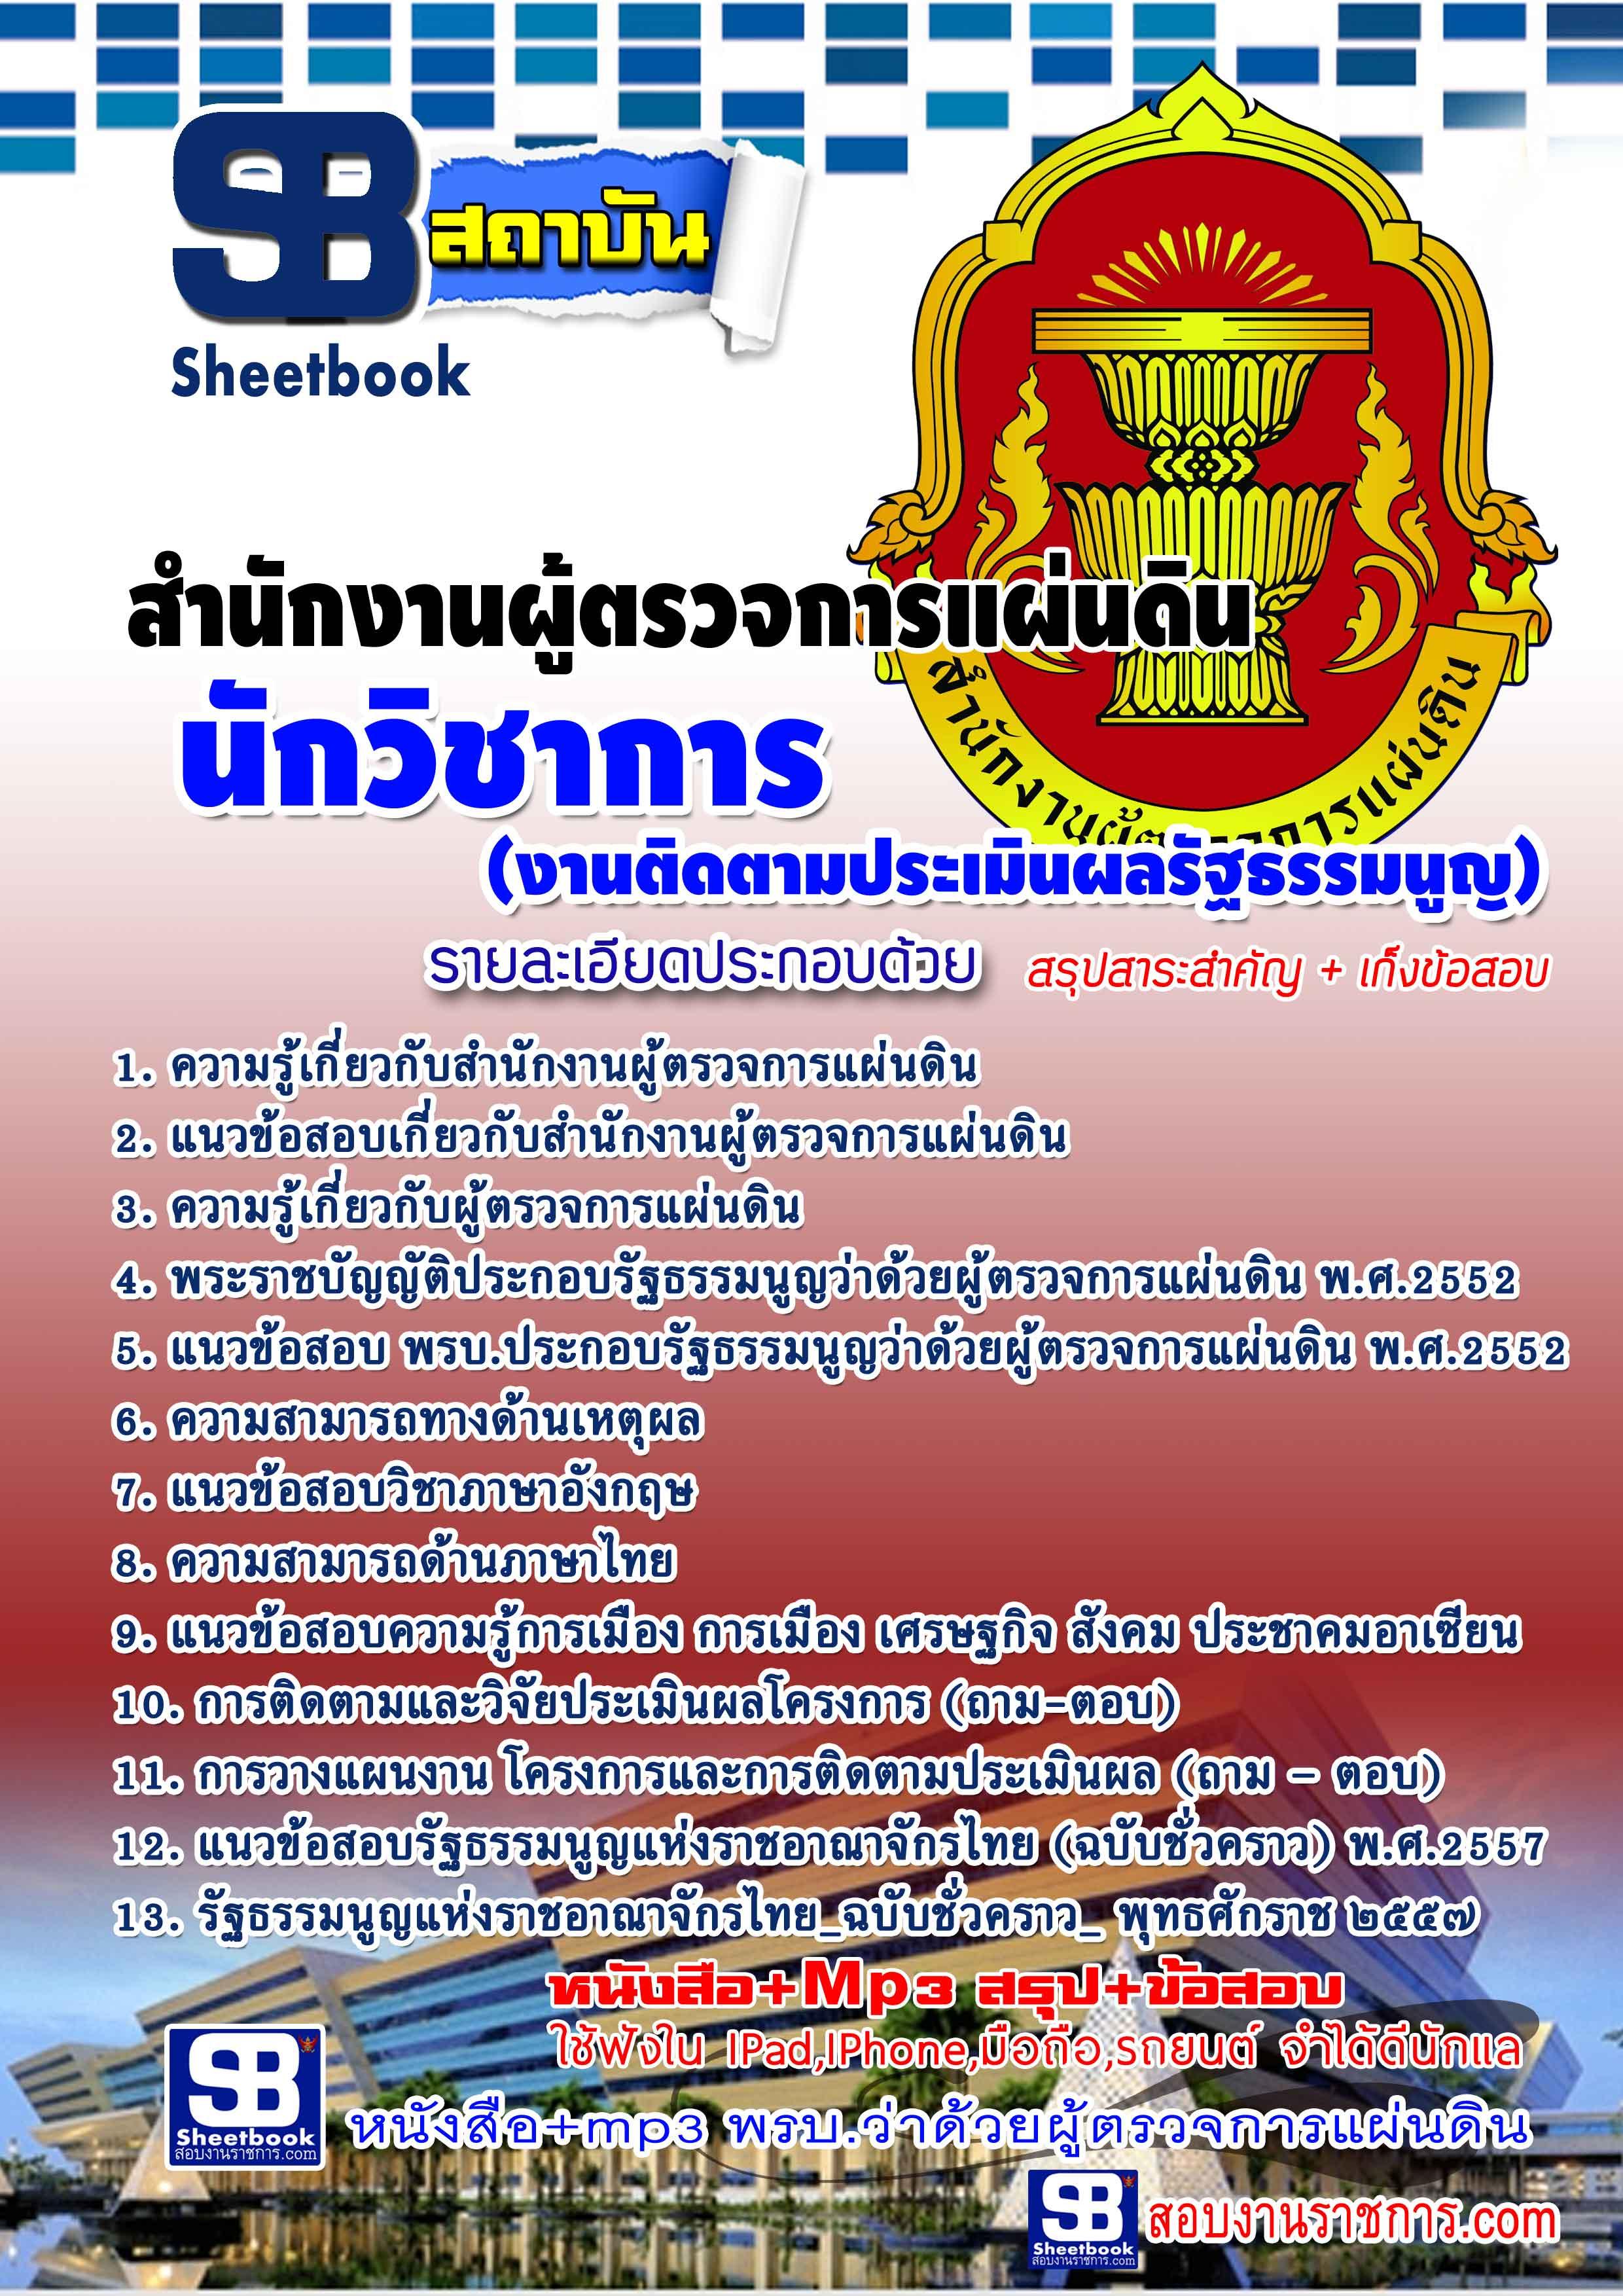 หนังสือสอบนักวิชาการ (งานติดตามประเมินผลรัฐธรรมนูญ) สำนักงานผู้ตรวจการแผ่นดิน